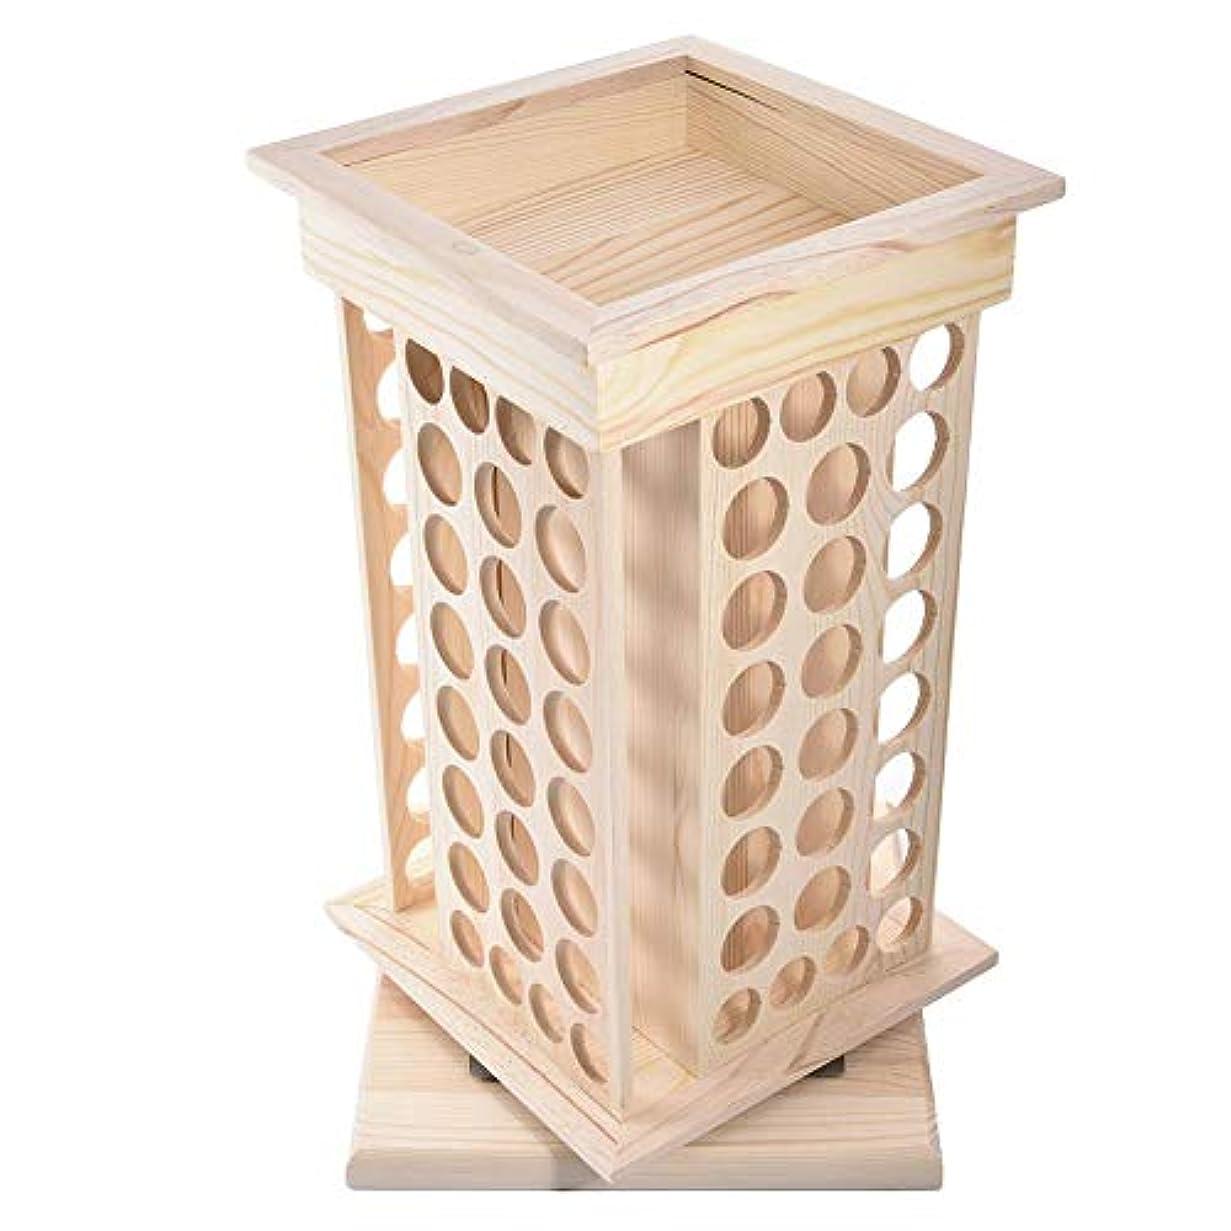 協力的天の昇るPursue アロマオイルスタンド 精油収納 香水展示スタンド エッセンシャルオイル収納 木製 104本用